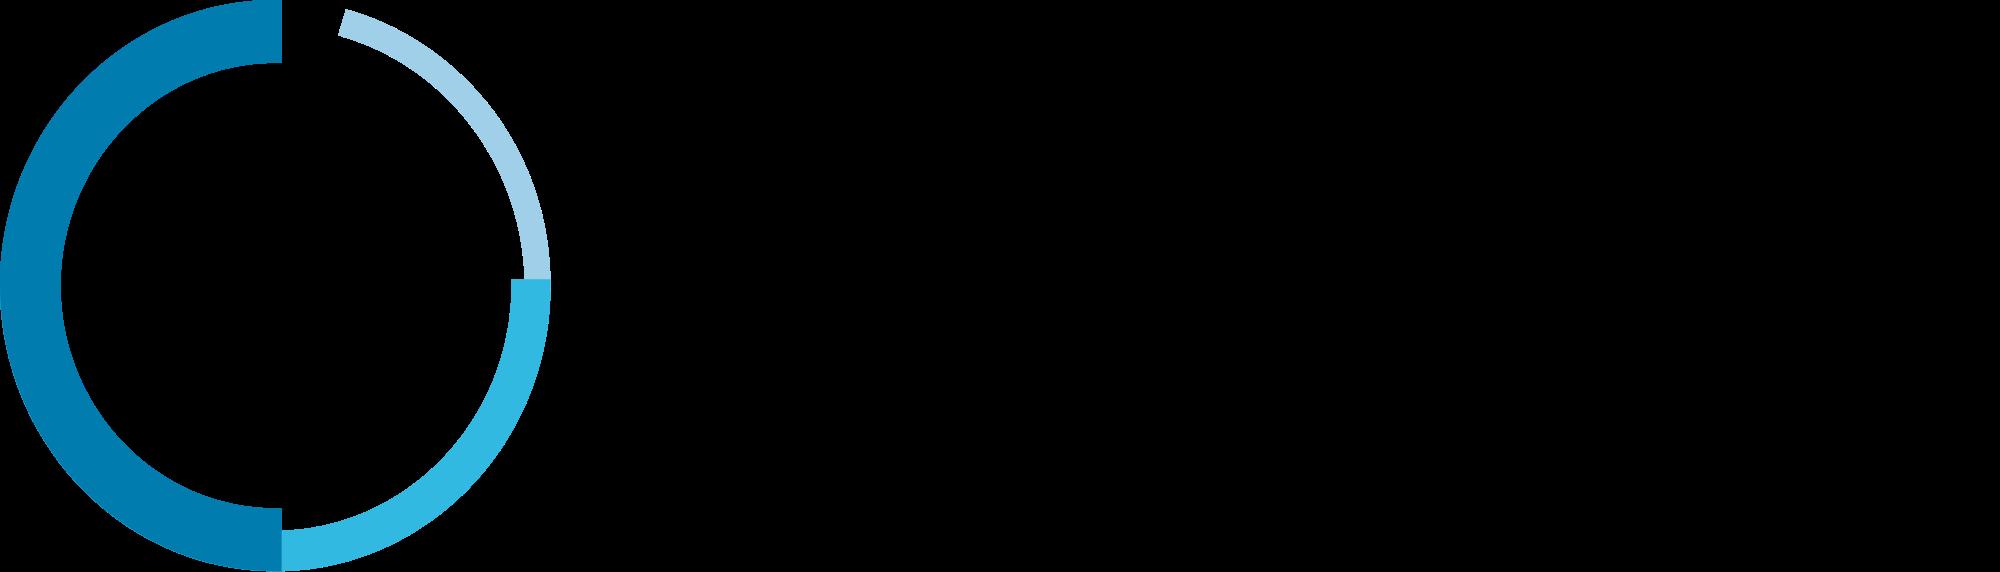 Artémis Productions